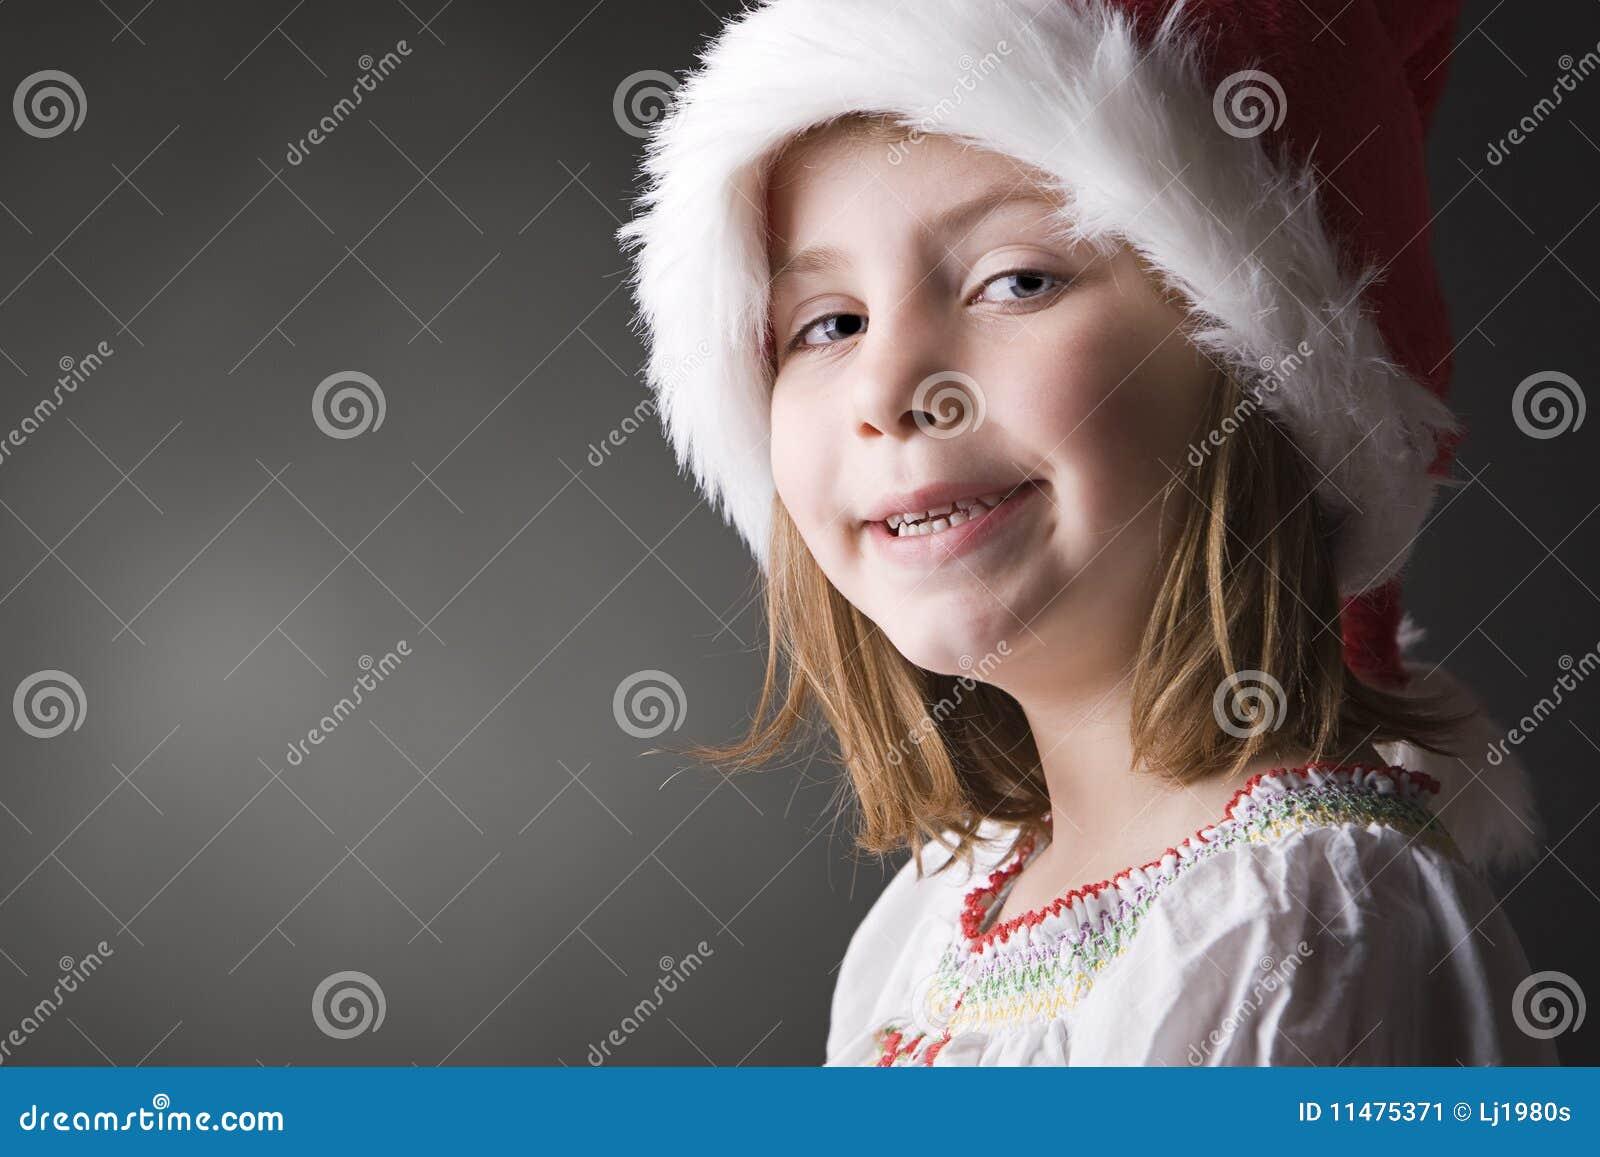 Piccolo elfo sveglio e geeky di natale - piccolo-elfo-sveglio-e-geeky-di-natale-11475371